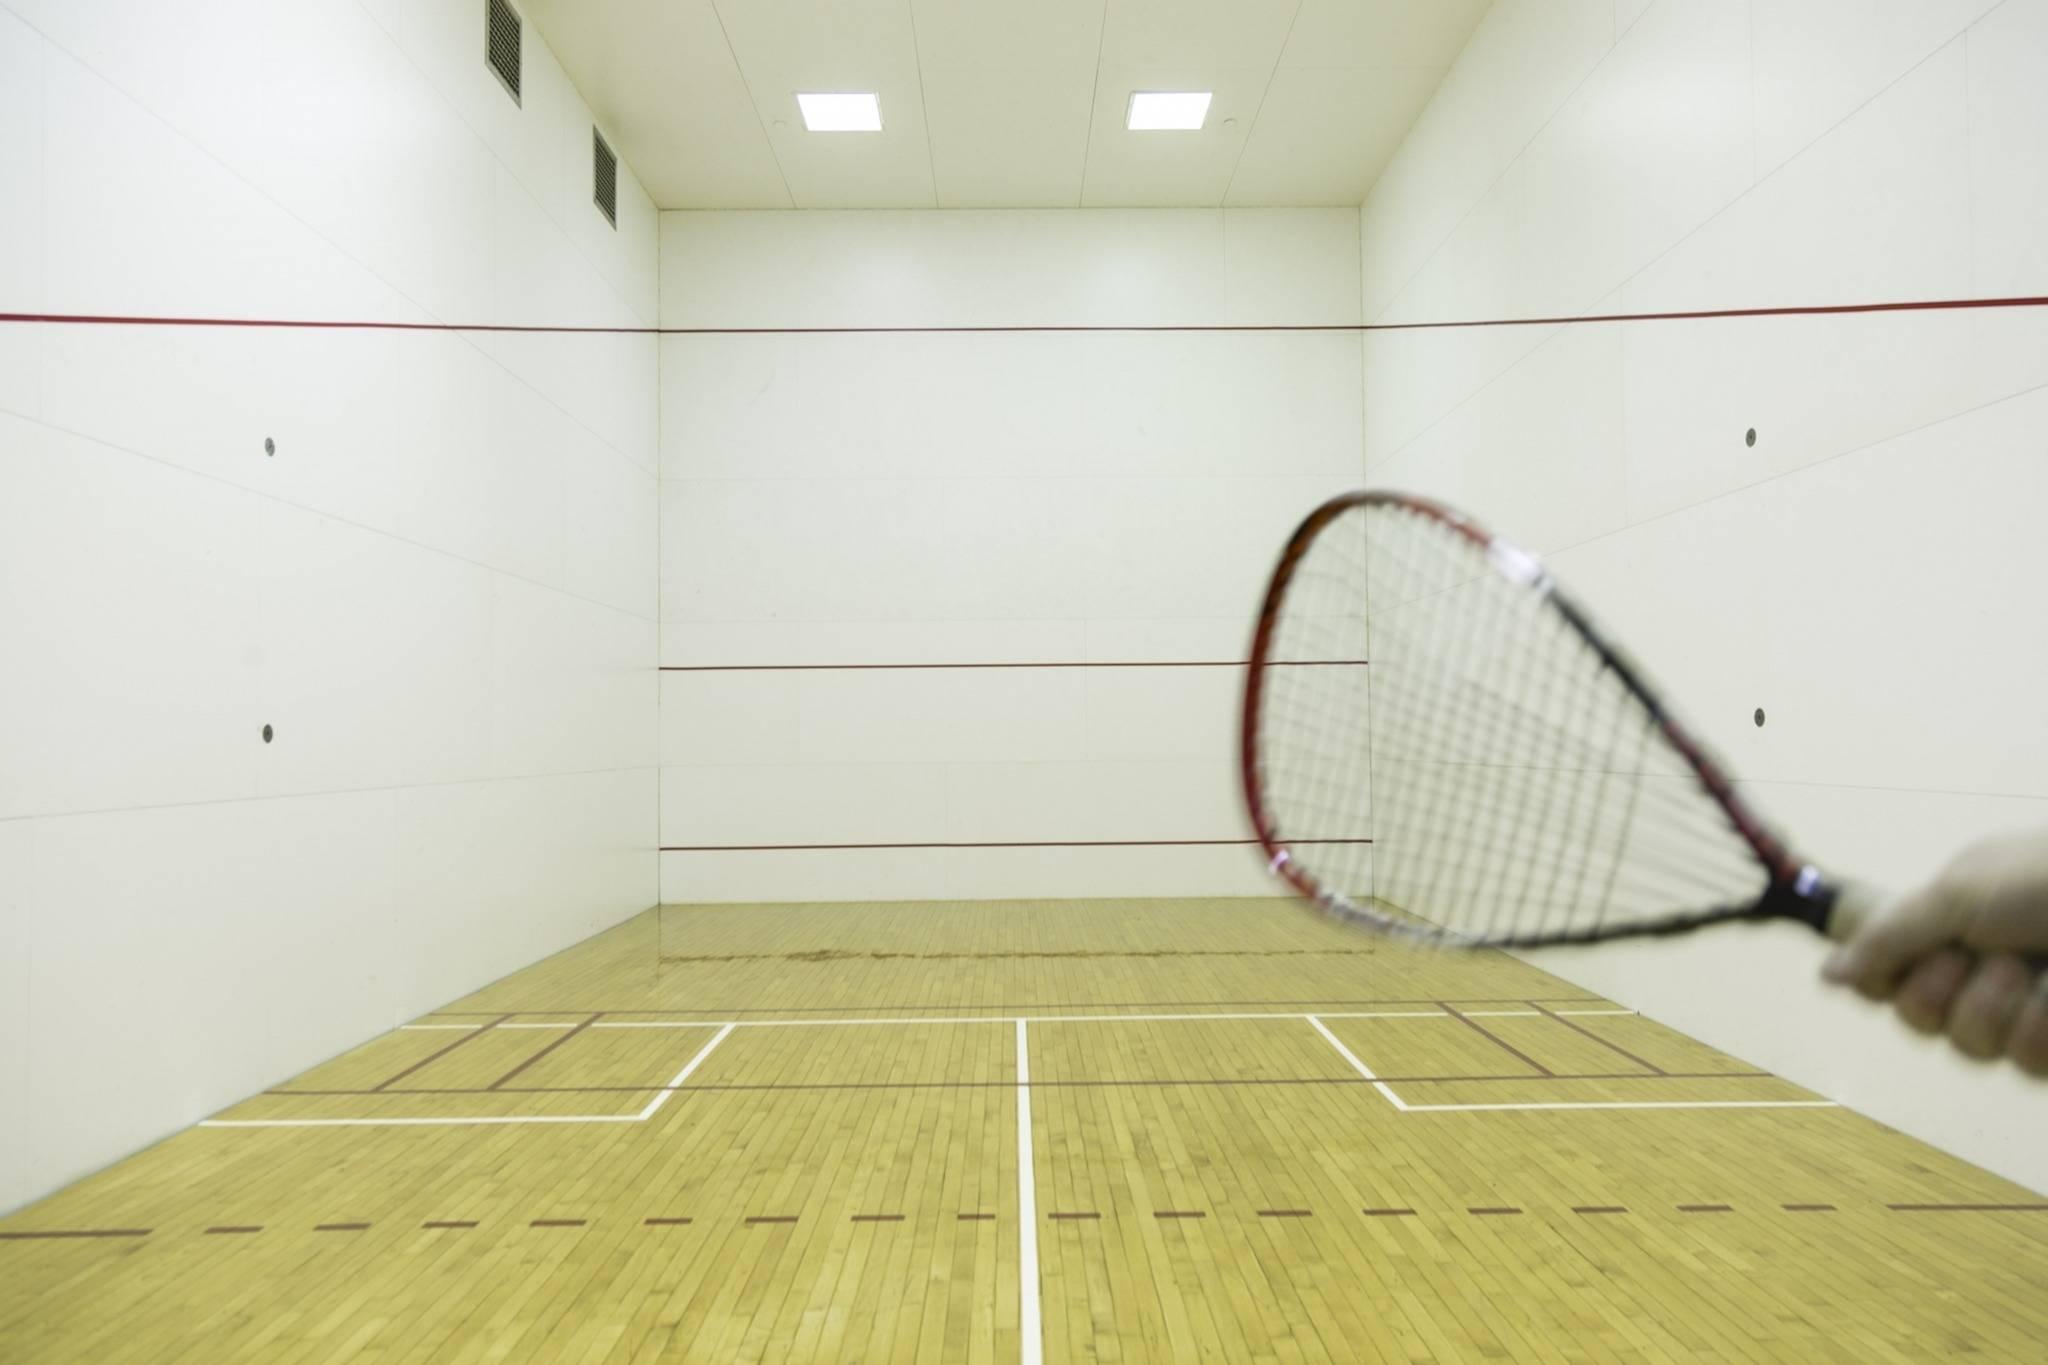 Racquetball/Squash Court